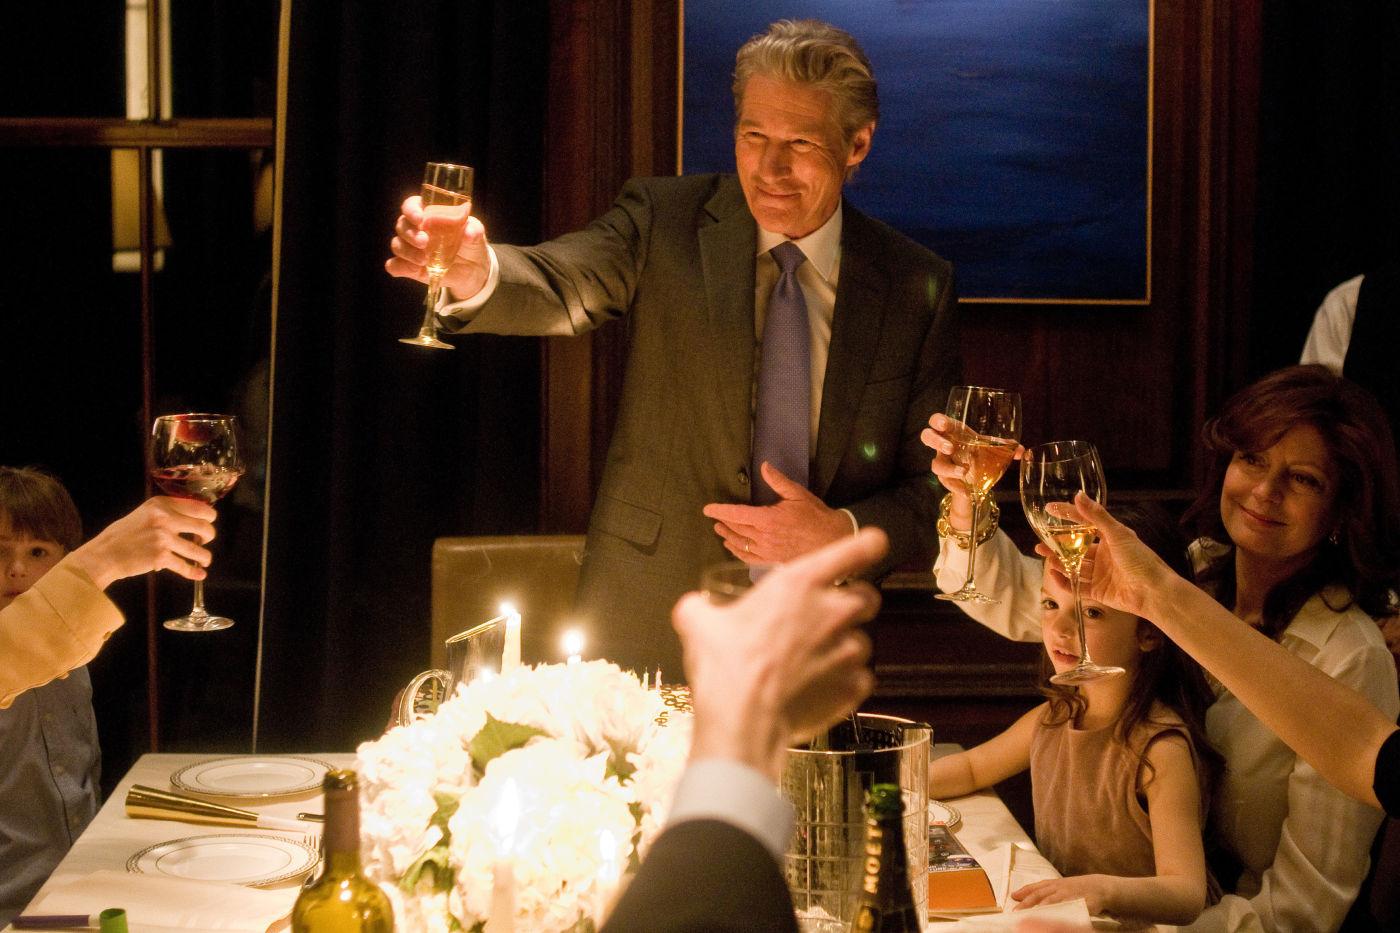 Scena iz filma Arbitraža.